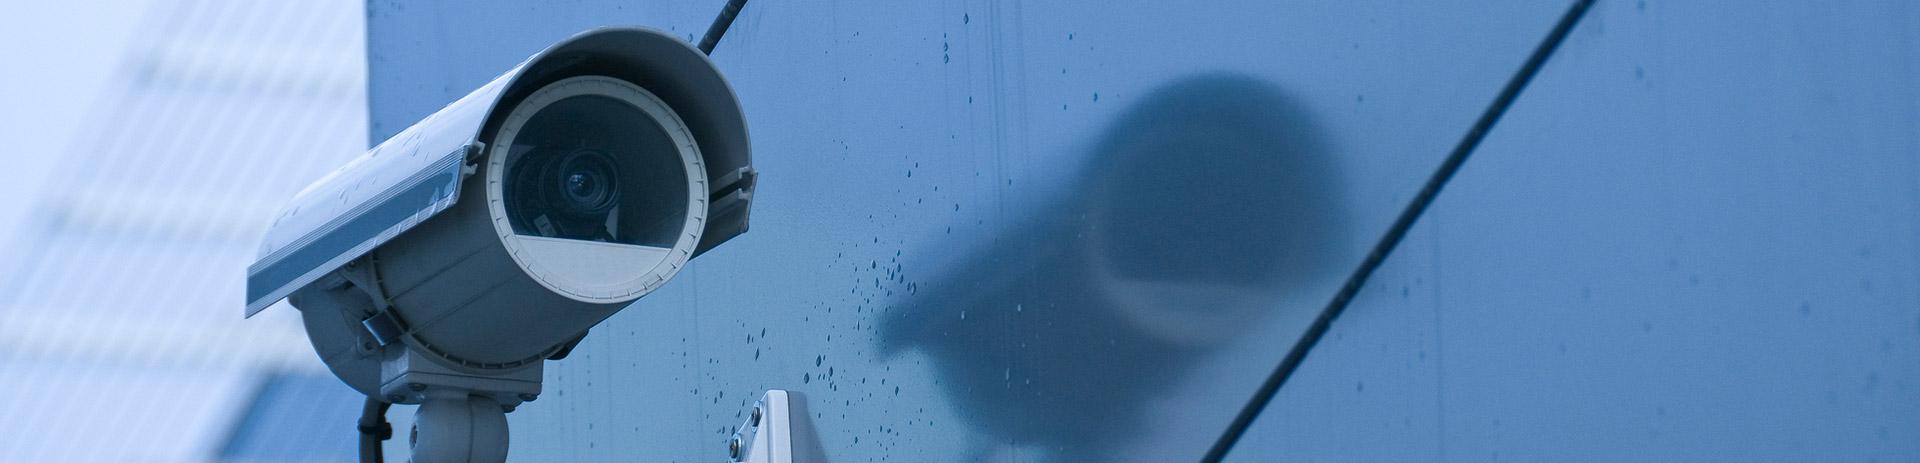 Videokamera an einem Gebäude befestigt